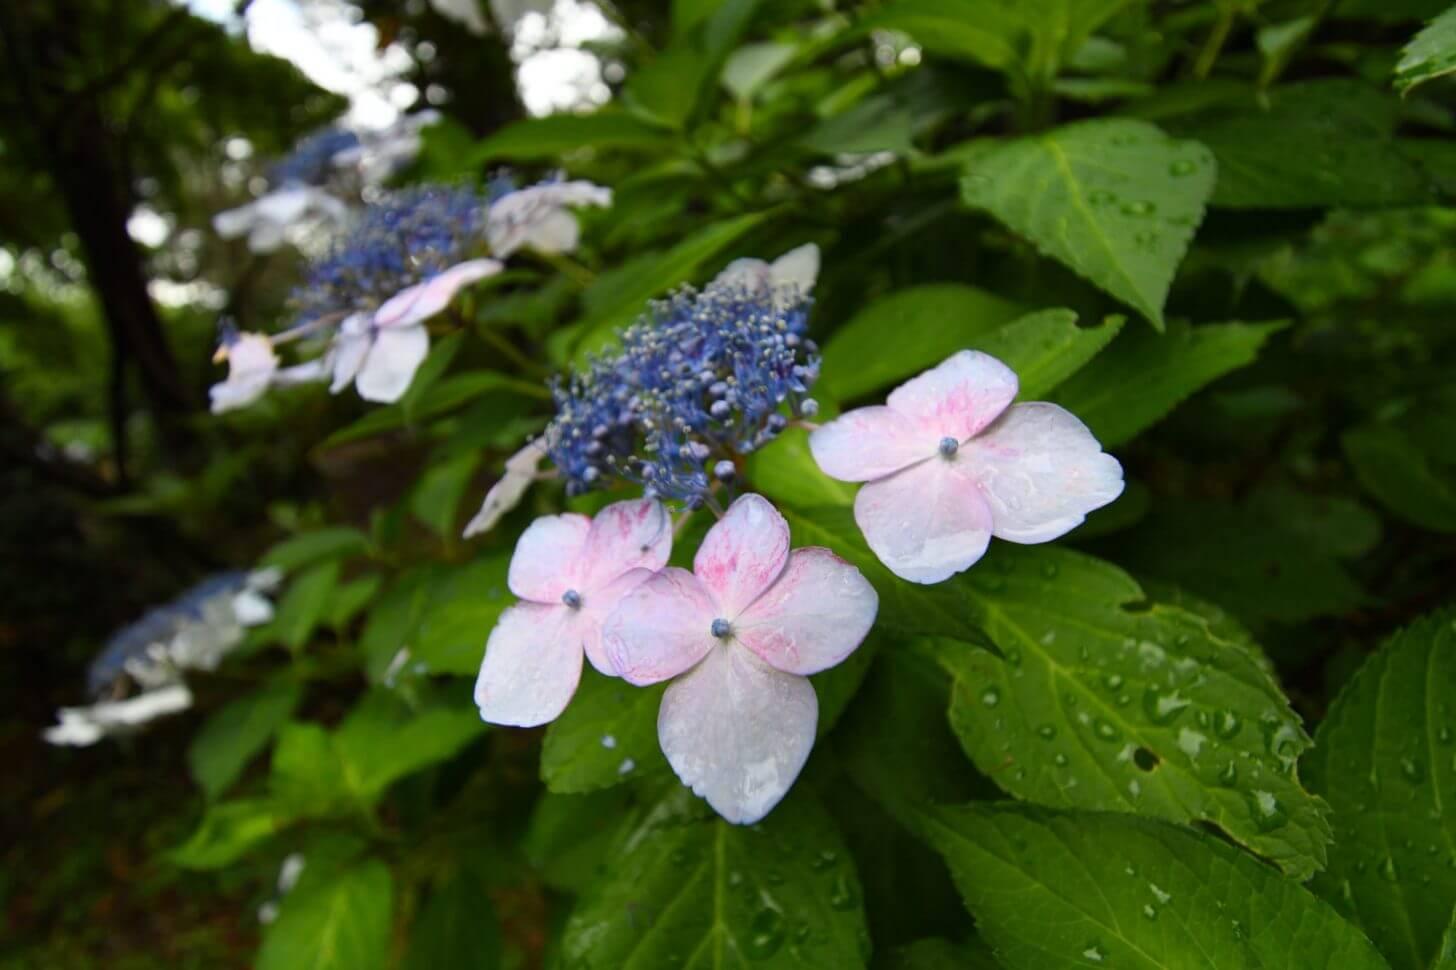 京都府立植物園のあじさいで試し撮り